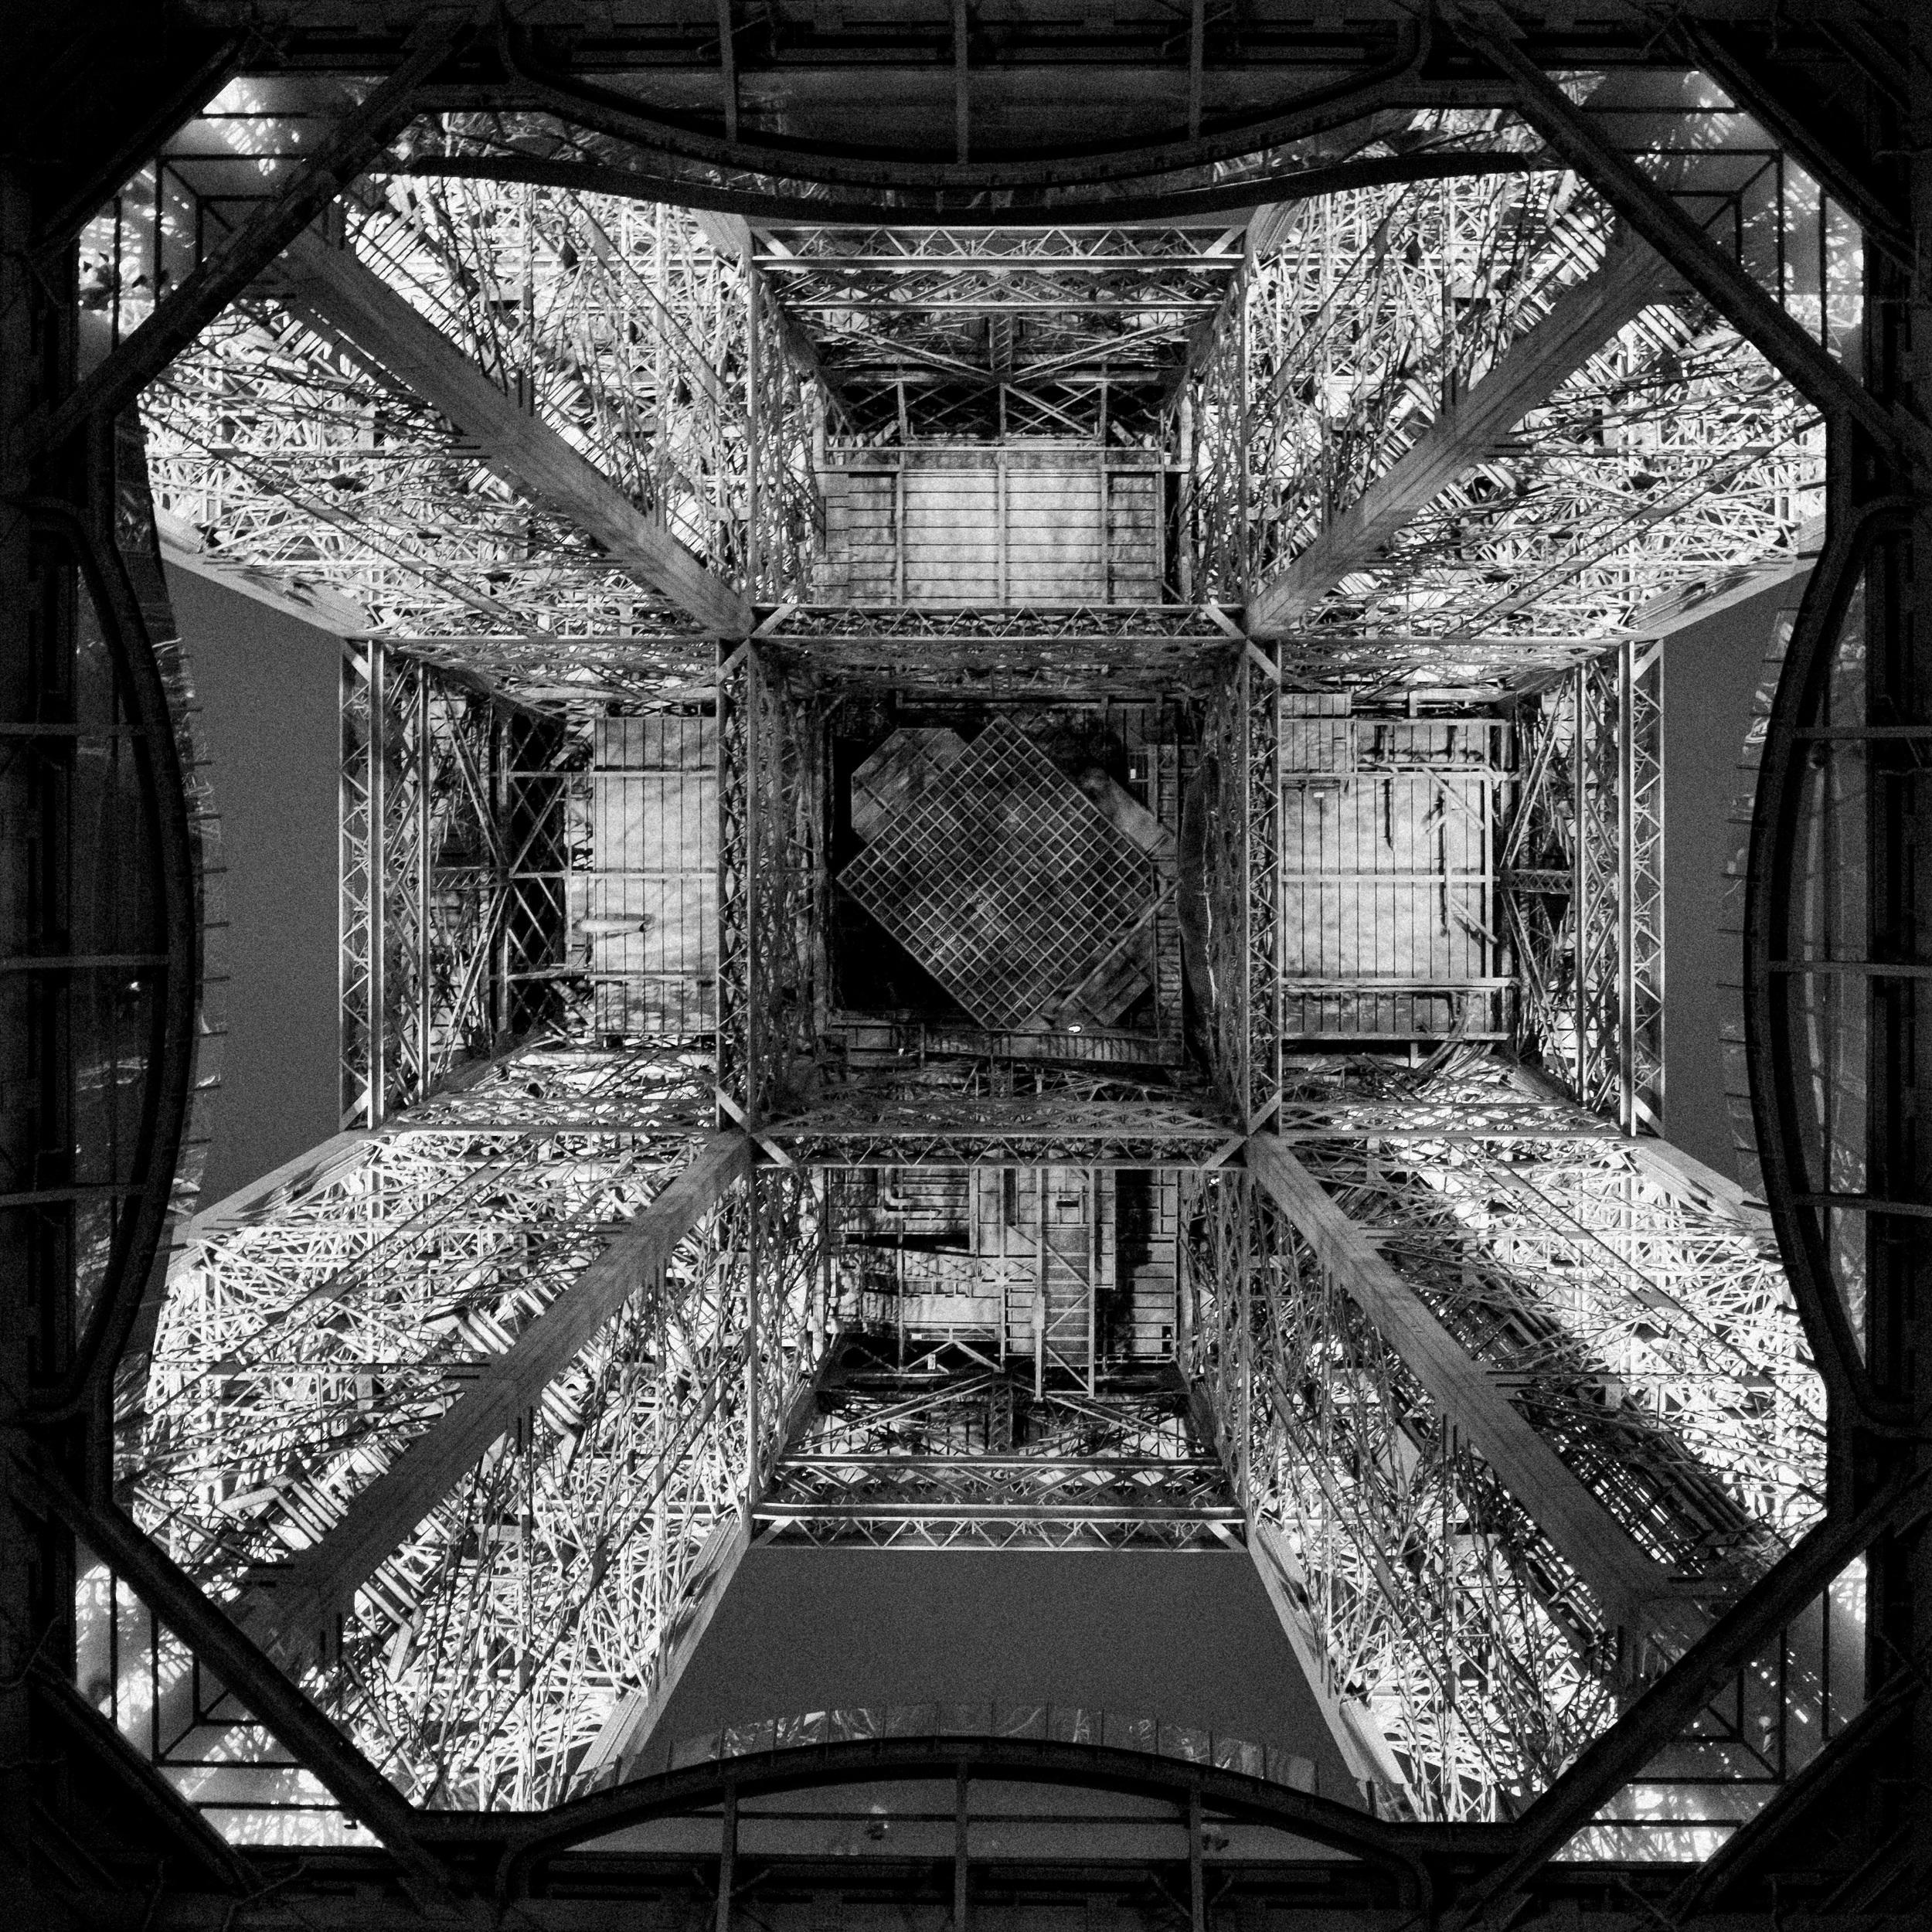 london-britian-cambridge-stmalo-mont-saint-michel-france-normandy-paris-074.jpg